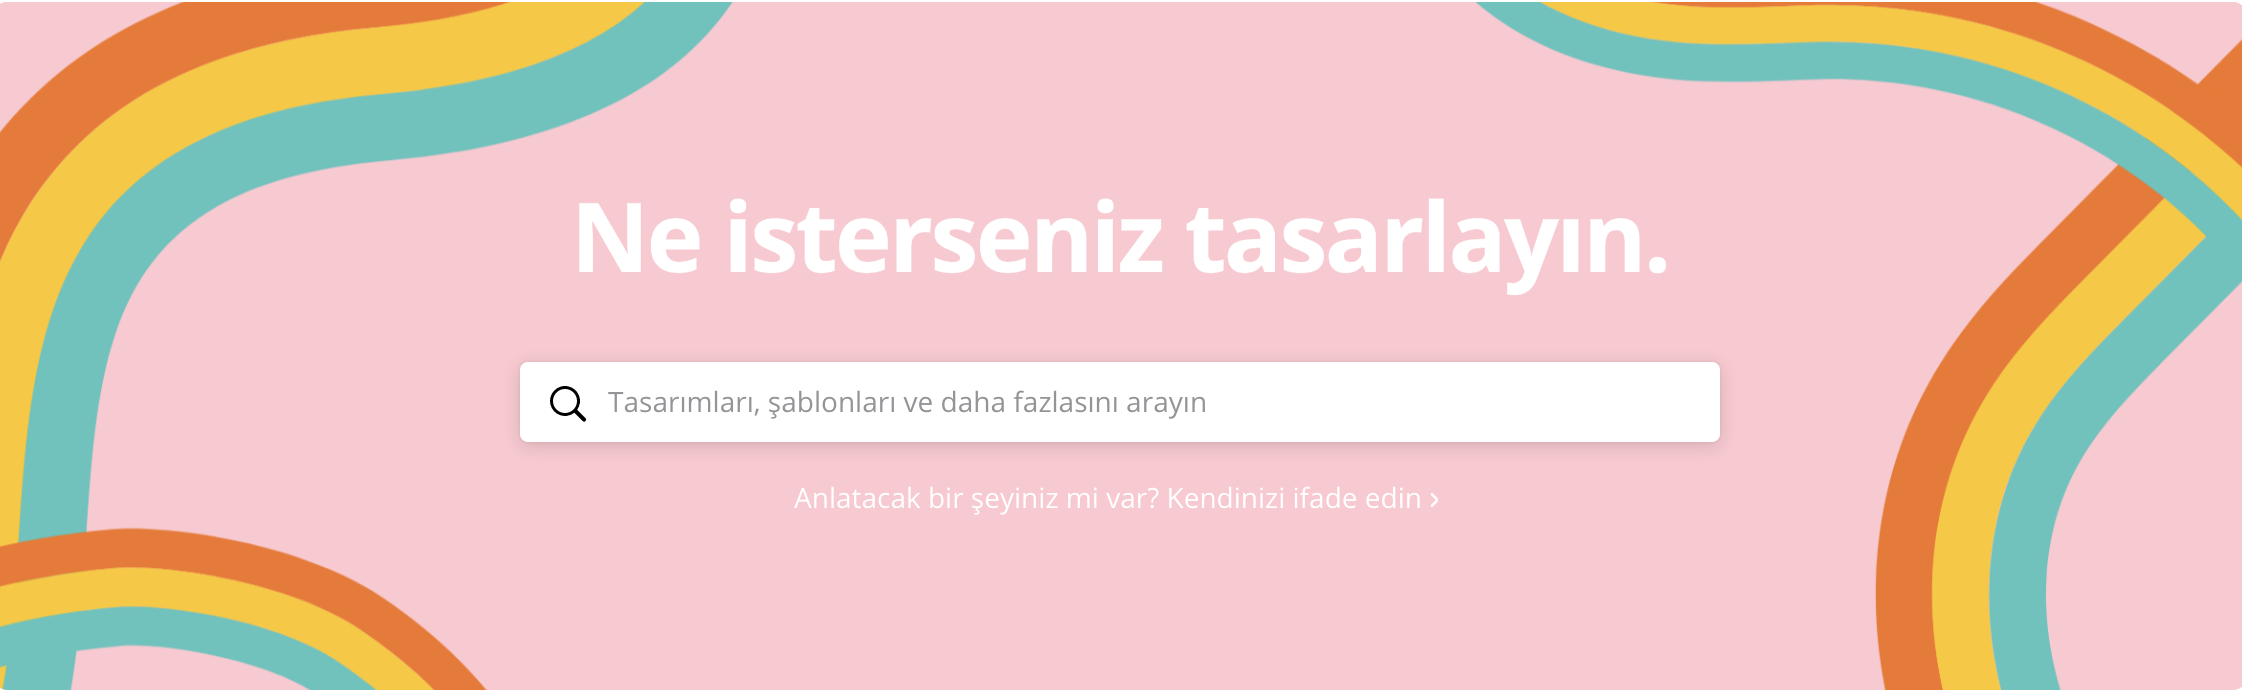 Canva, Kar Amacı Gütmeyen Kuruluşlara Premium Sürümünü Ücretsiz Sunuyor!